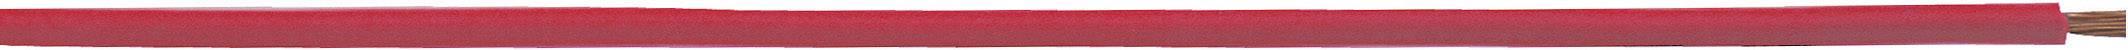 Opletenie / lanko LappKabel 4510043 H05V-K, 1 x 1 mm², vonkajší Ø 2.60 mm, 100 m, červená